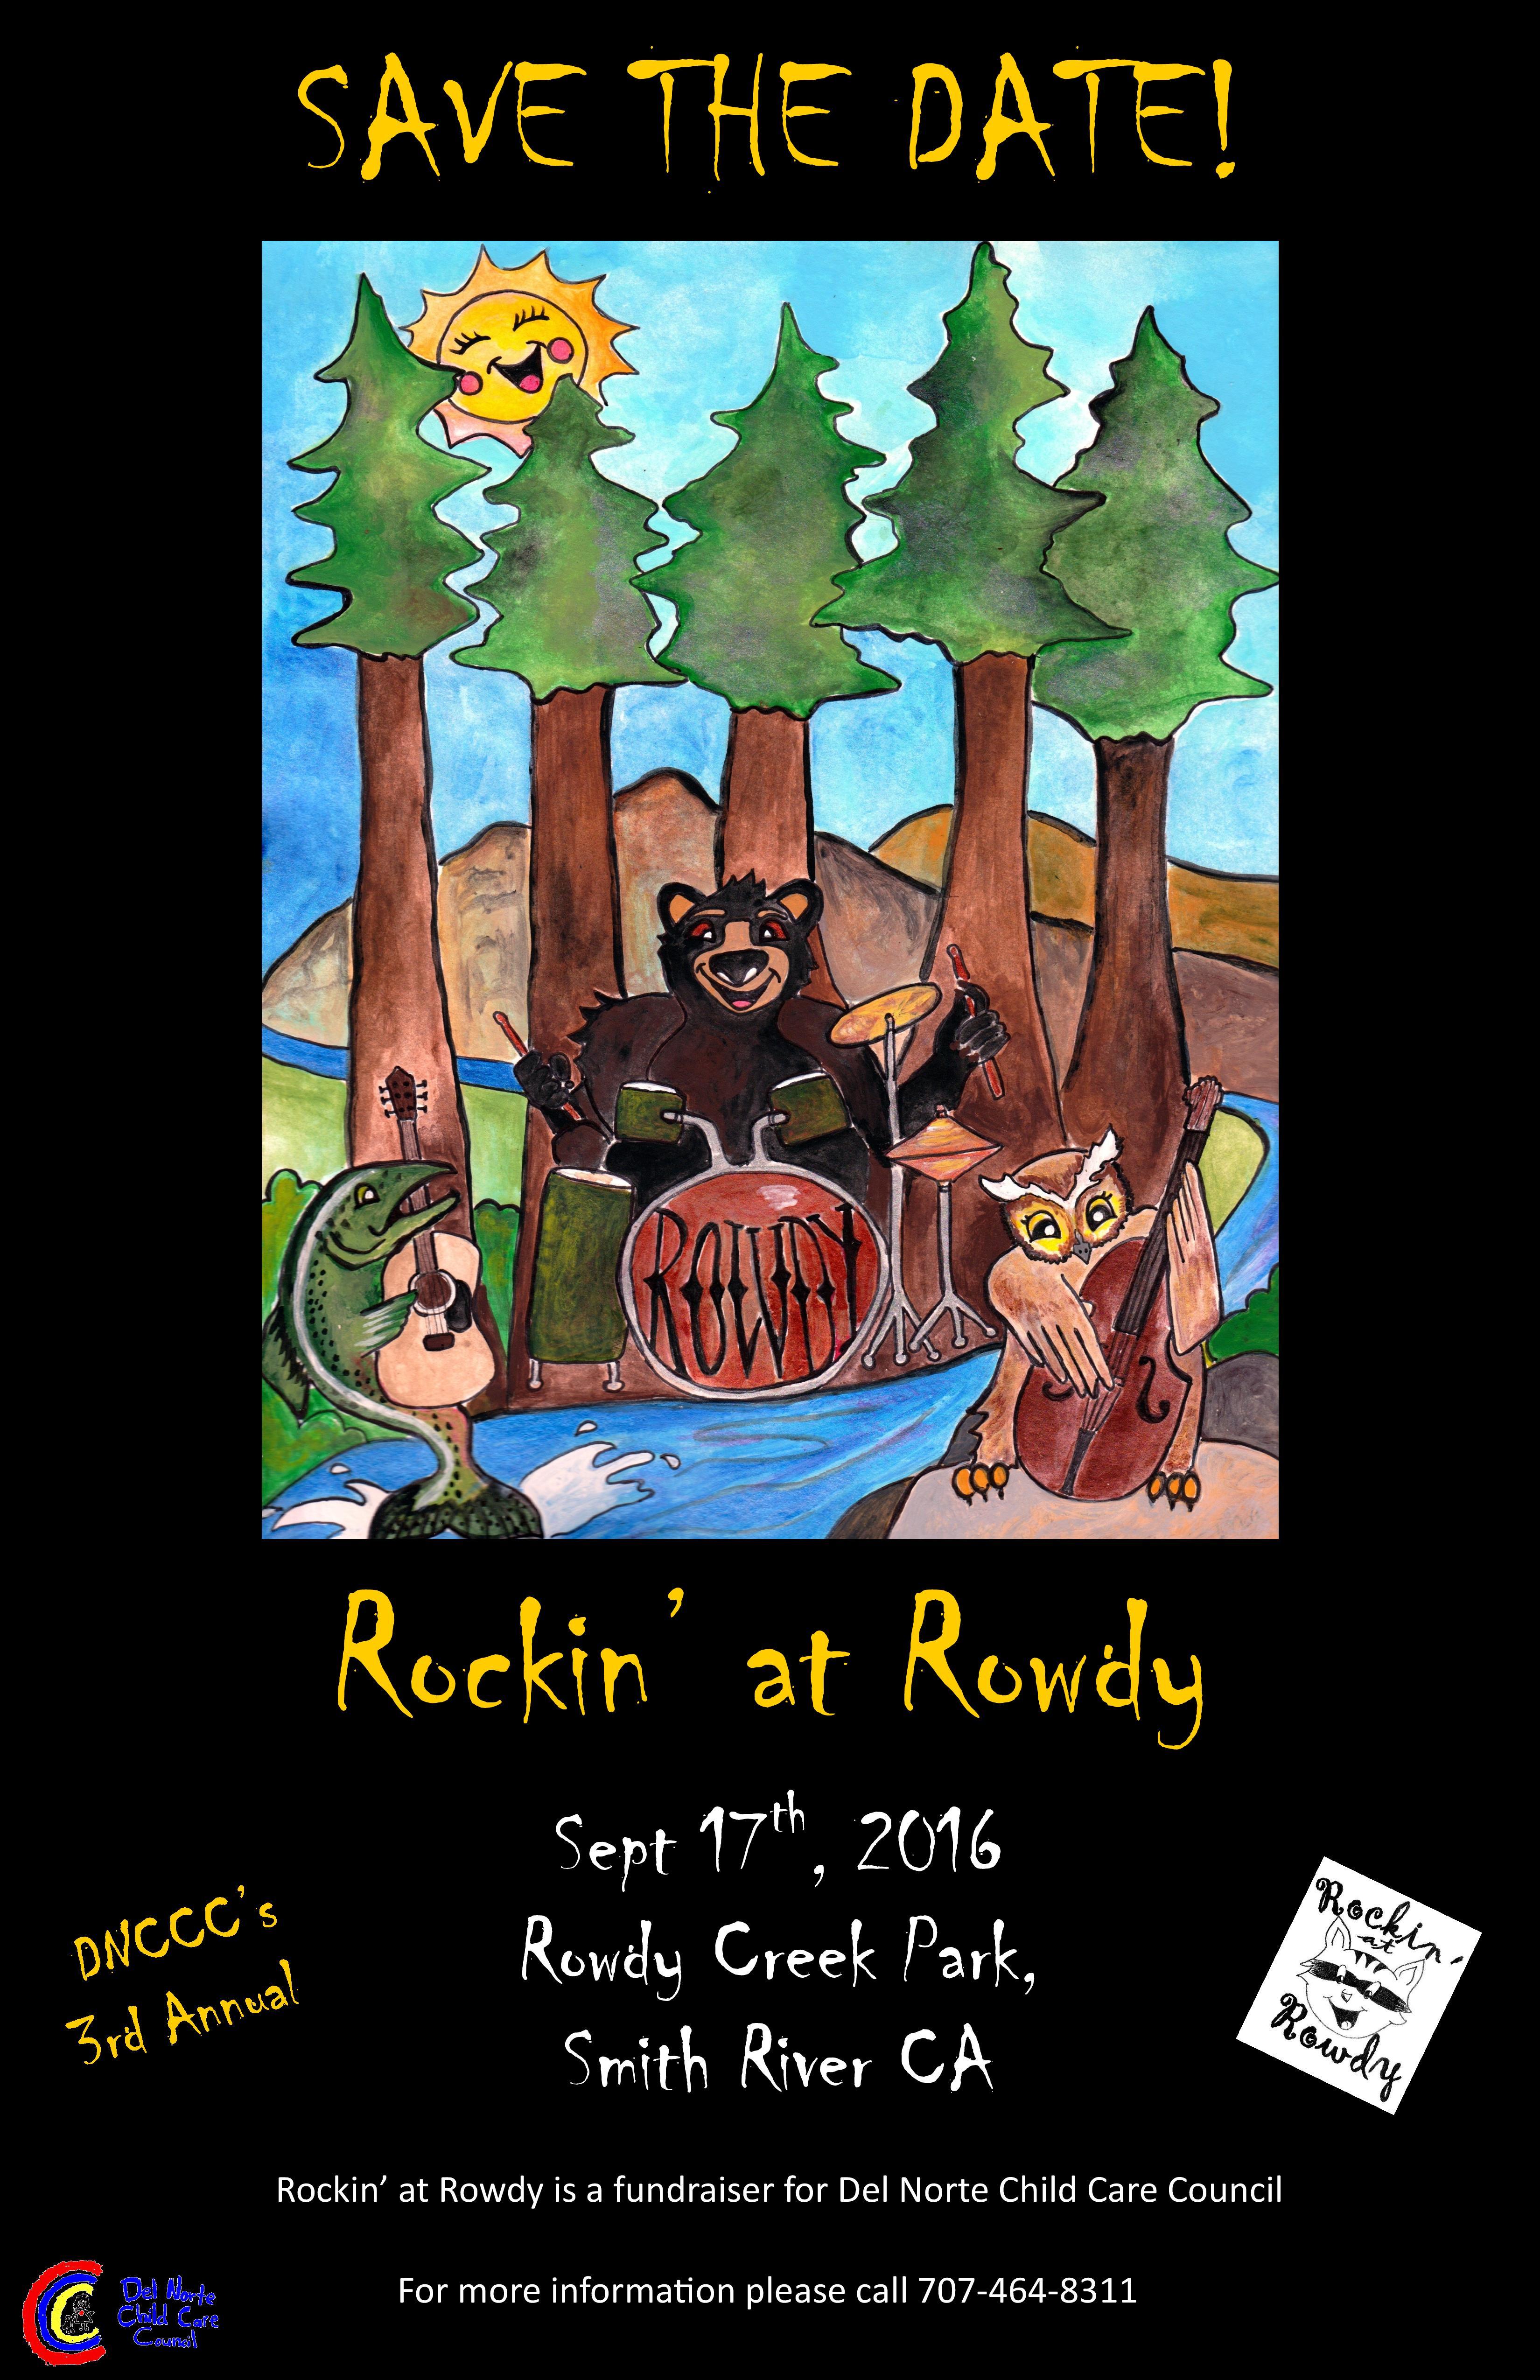 Rocking at Rowdy - DNCCC